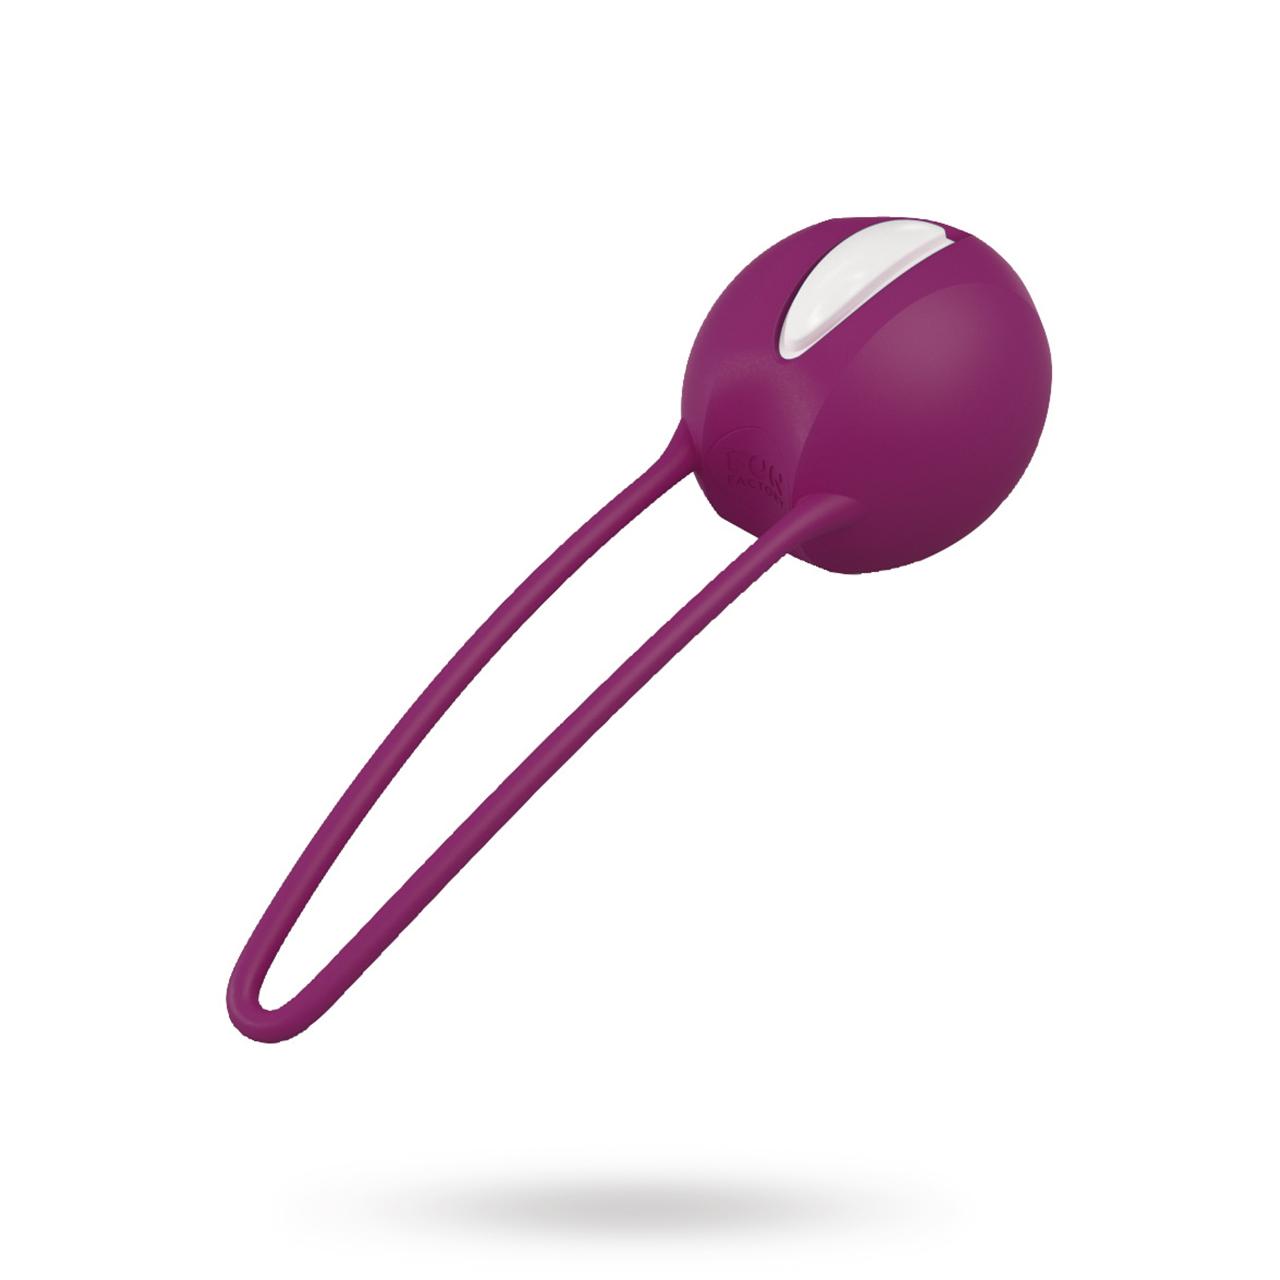 Smartballs UNO Purple | INSPIRATION, FAVORITER TILL HENNE, Knipkulor för kegelövningar, Brands, Fun Factory, SEXLEKSAKER, MEST FÖR HENNE, Knipkulor | Intimast.se - Sexleksaker